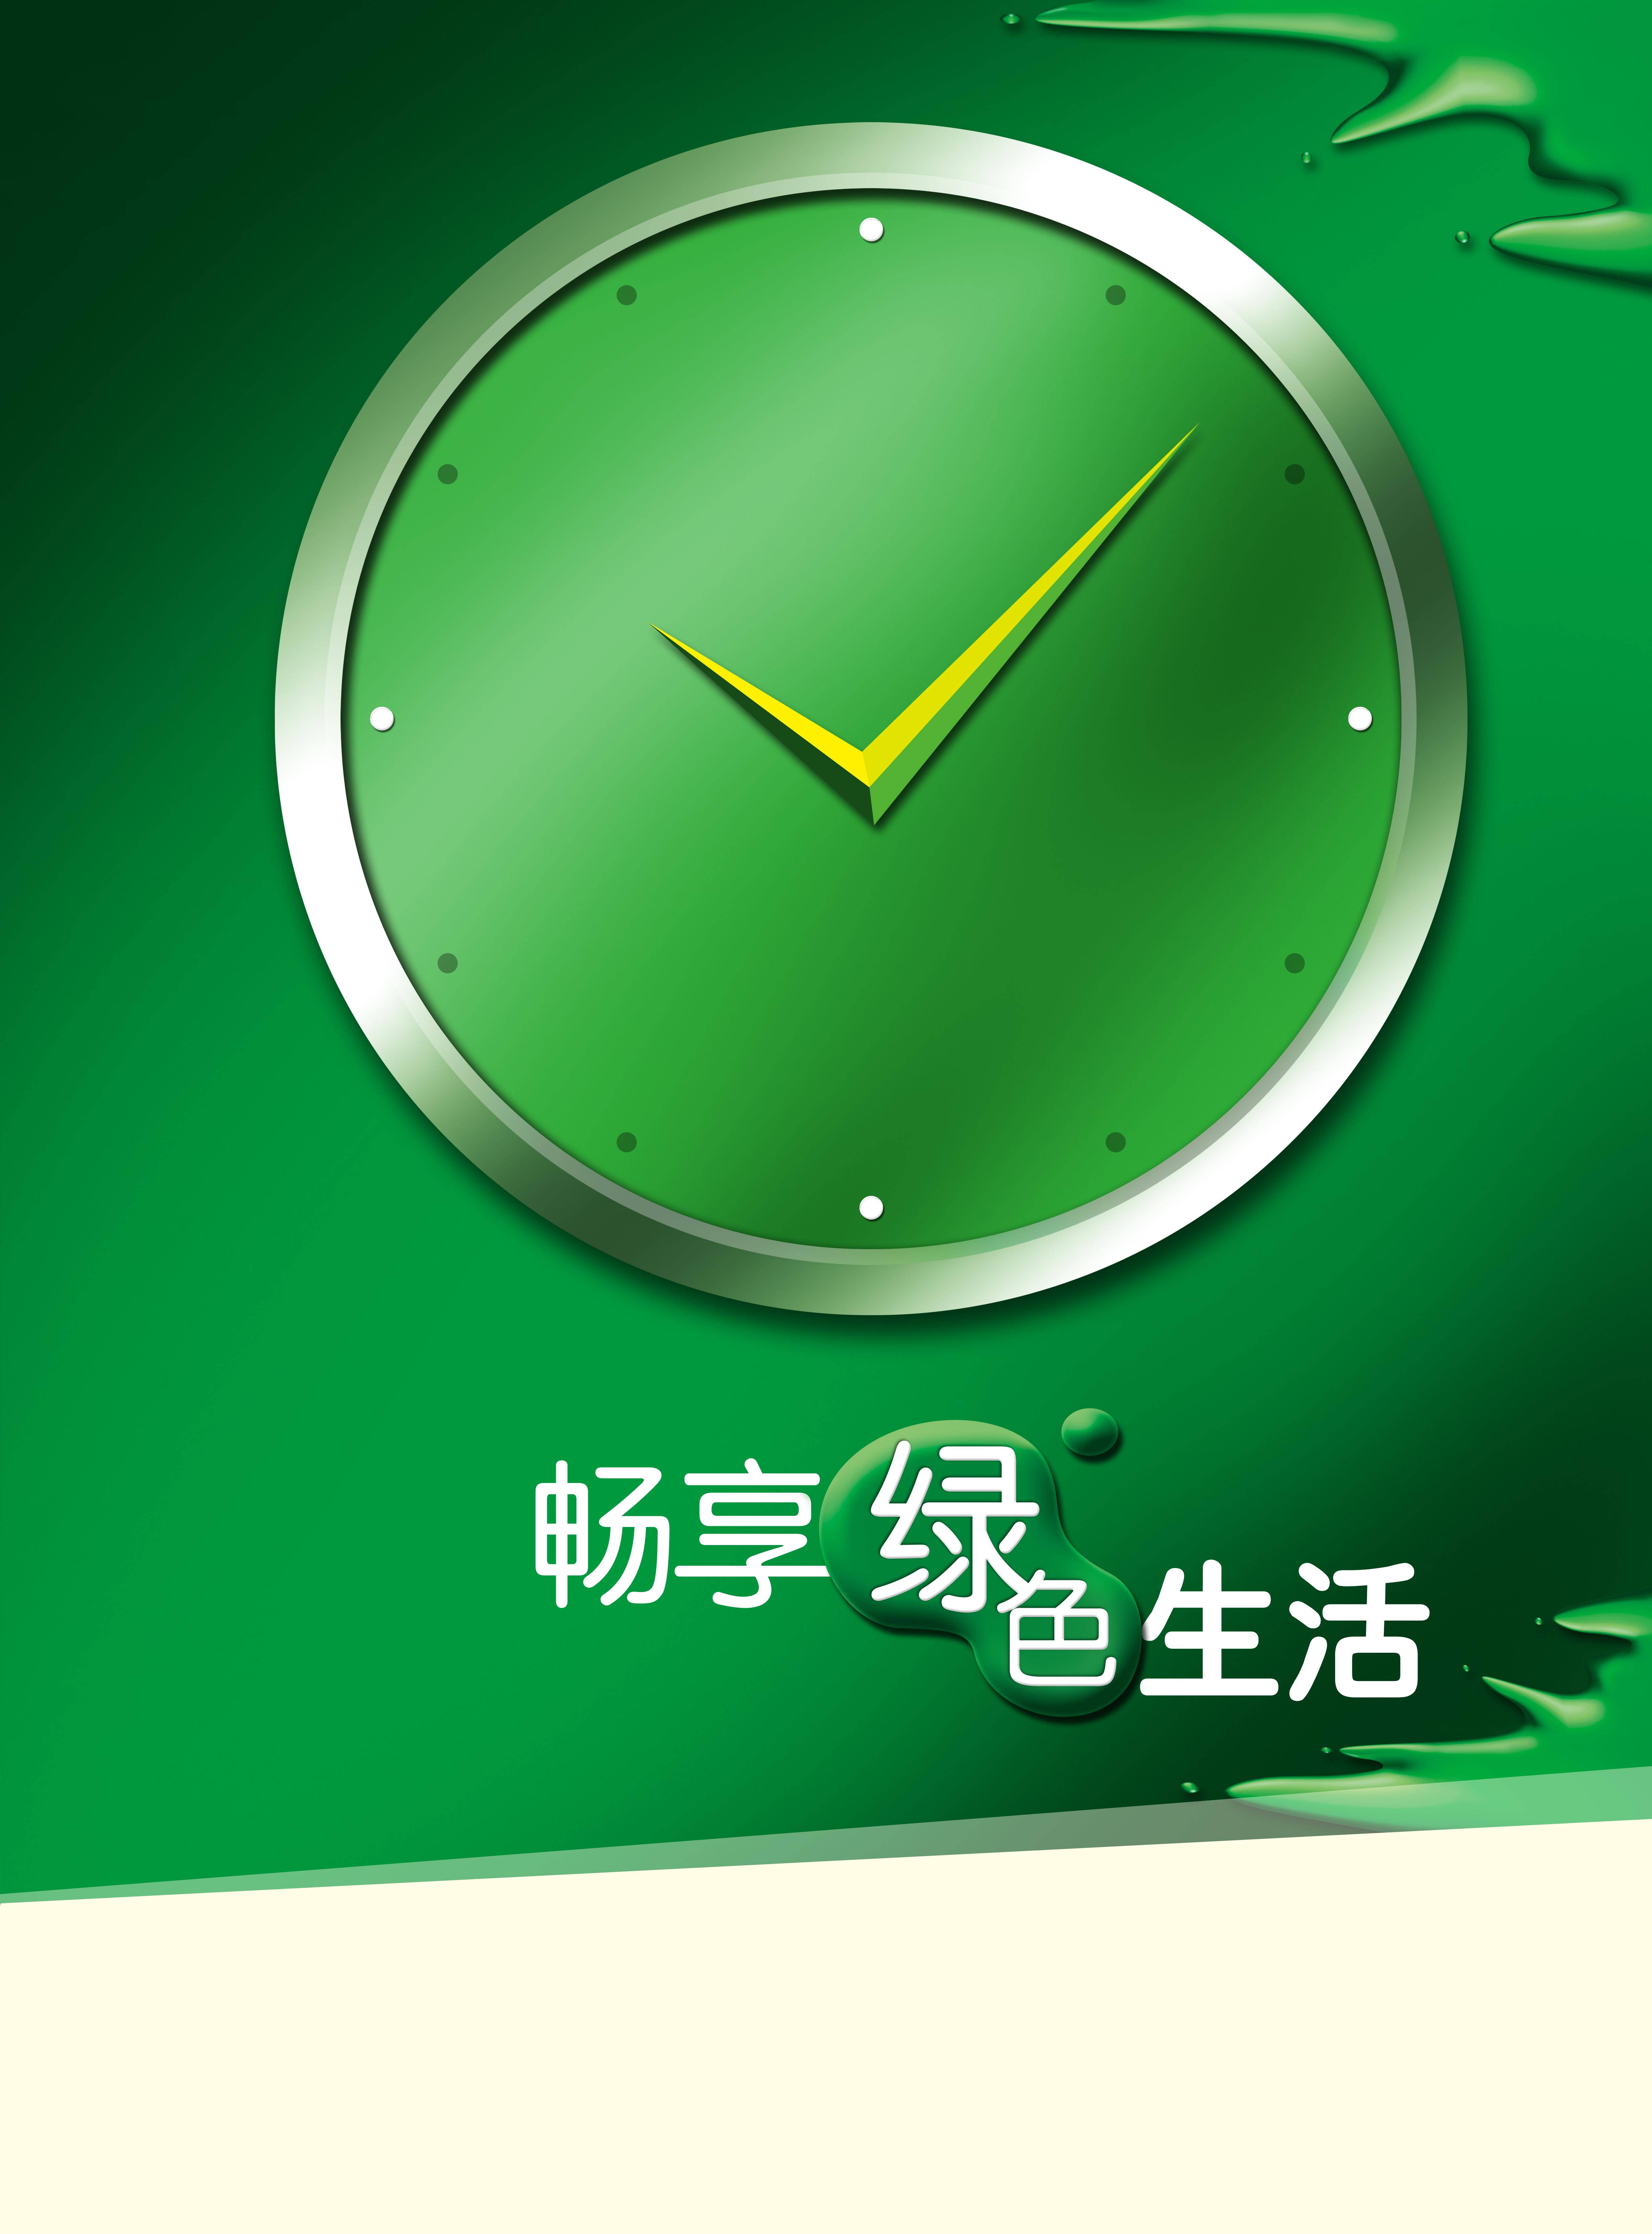 590dba862bc0 Reloj reloj reloj de pared reloj analogico Minuto Horas Mano Imagen de  fondo para descarga gratuita